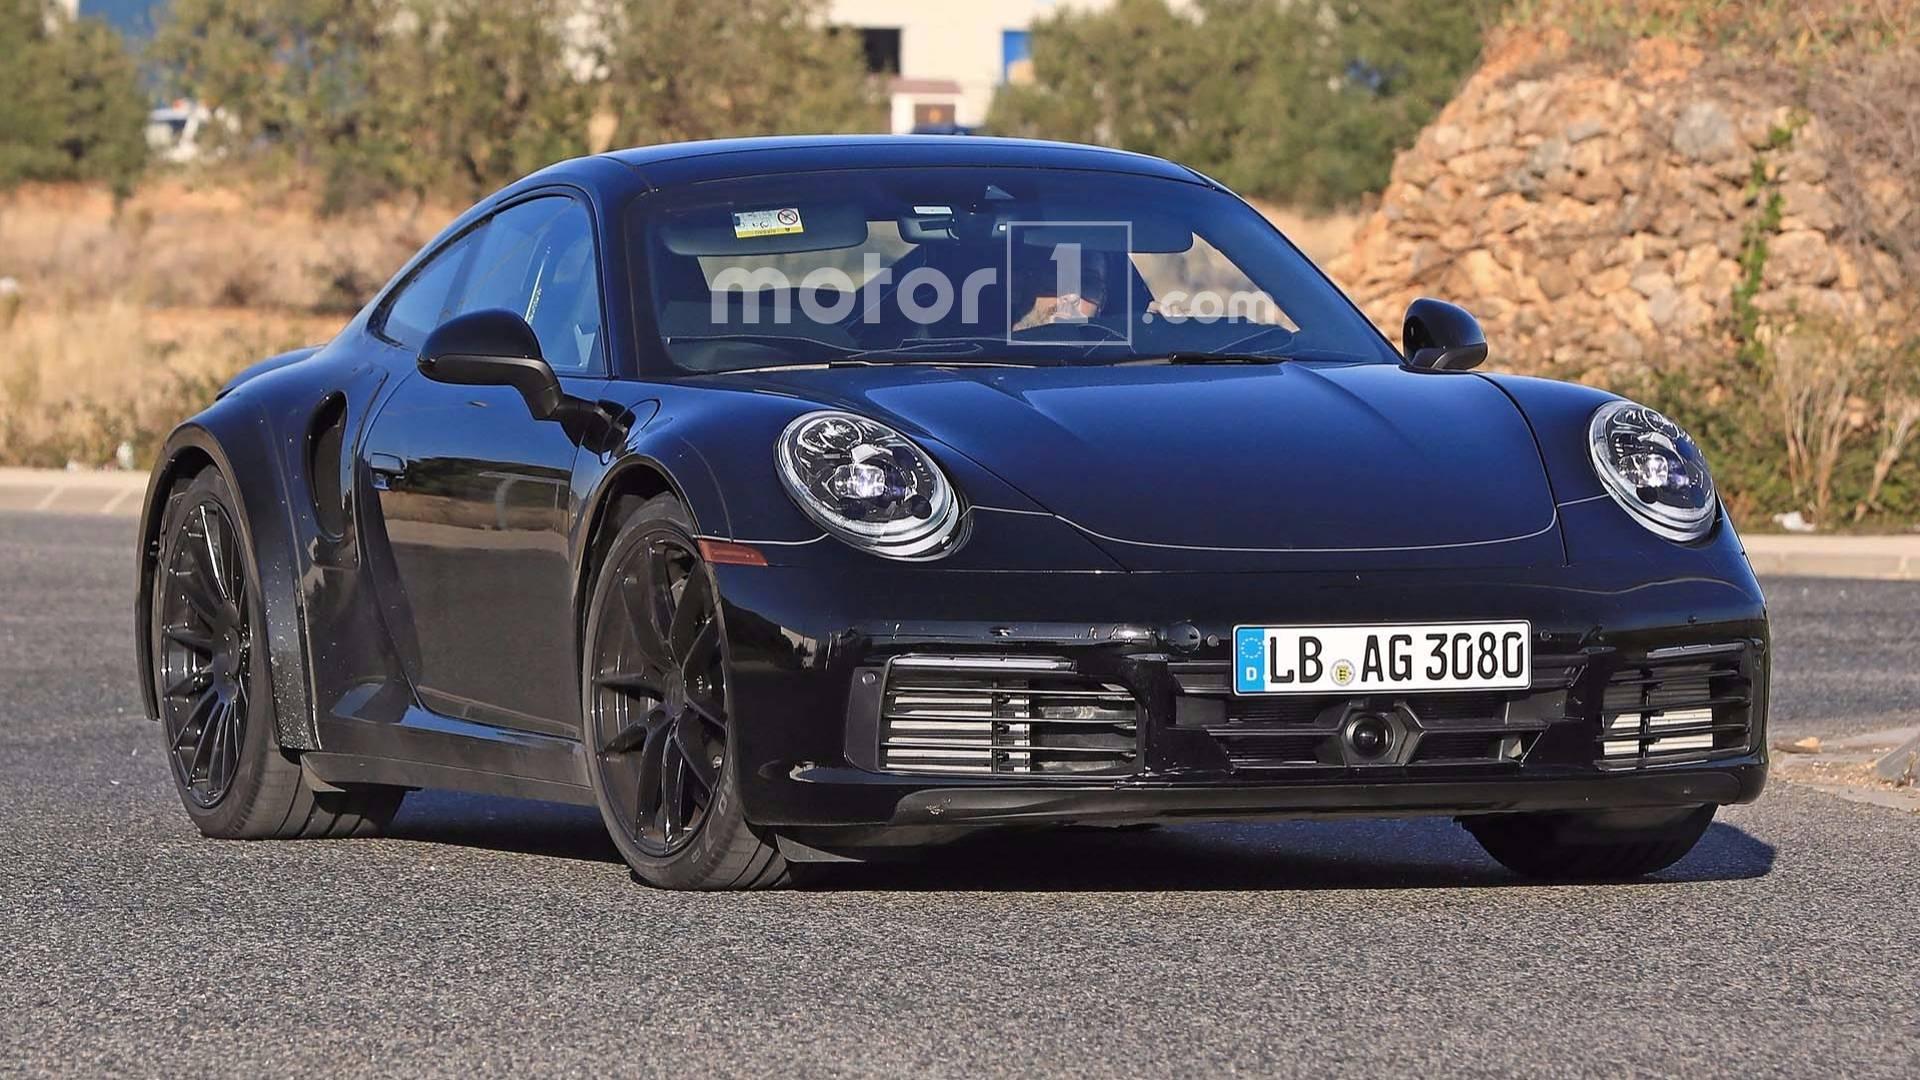 2019 Porsche 911 Turbo S >> Next Gen Porsche 911 Turbo Is Back In Black Spied On The Street